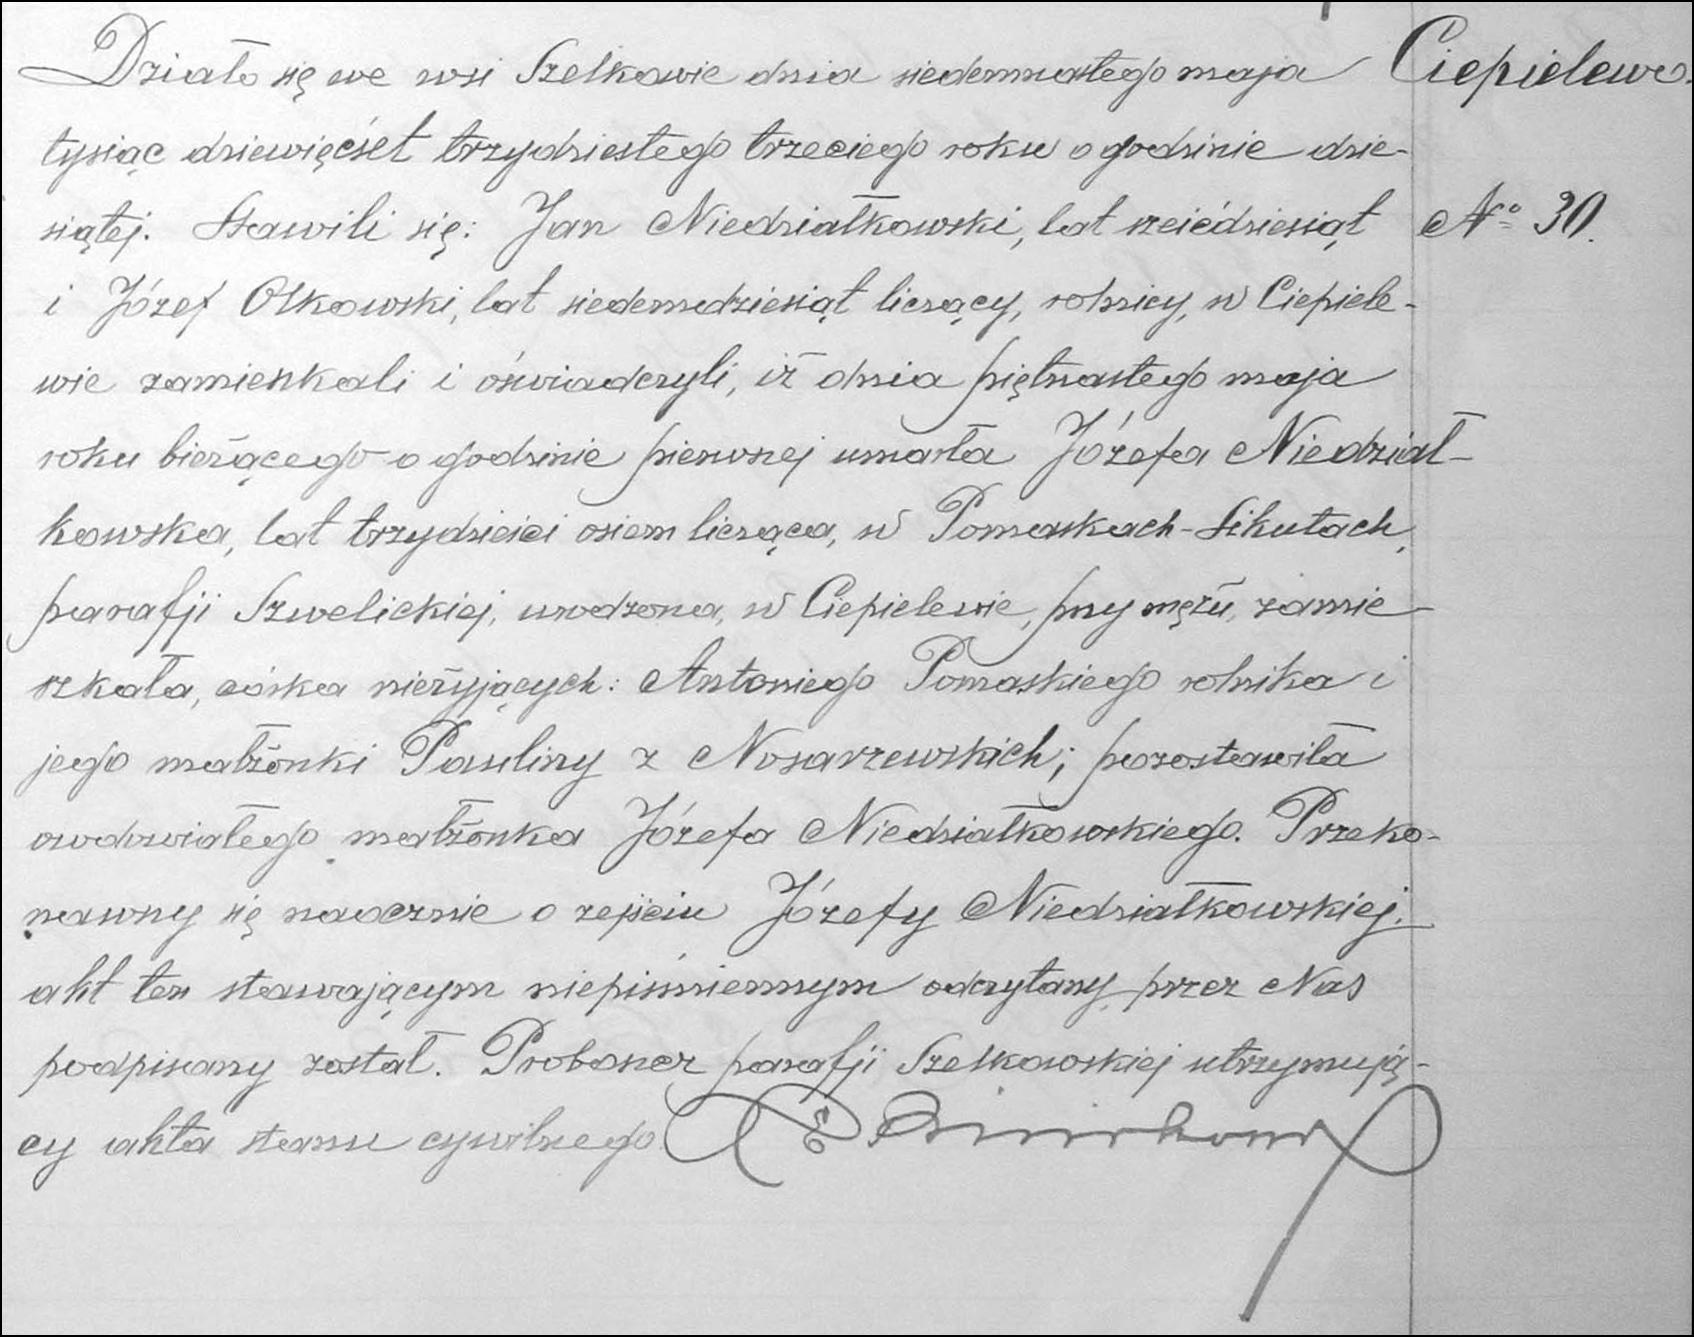 Death and Burial Record for Józefa Niedziałkowska – 1933